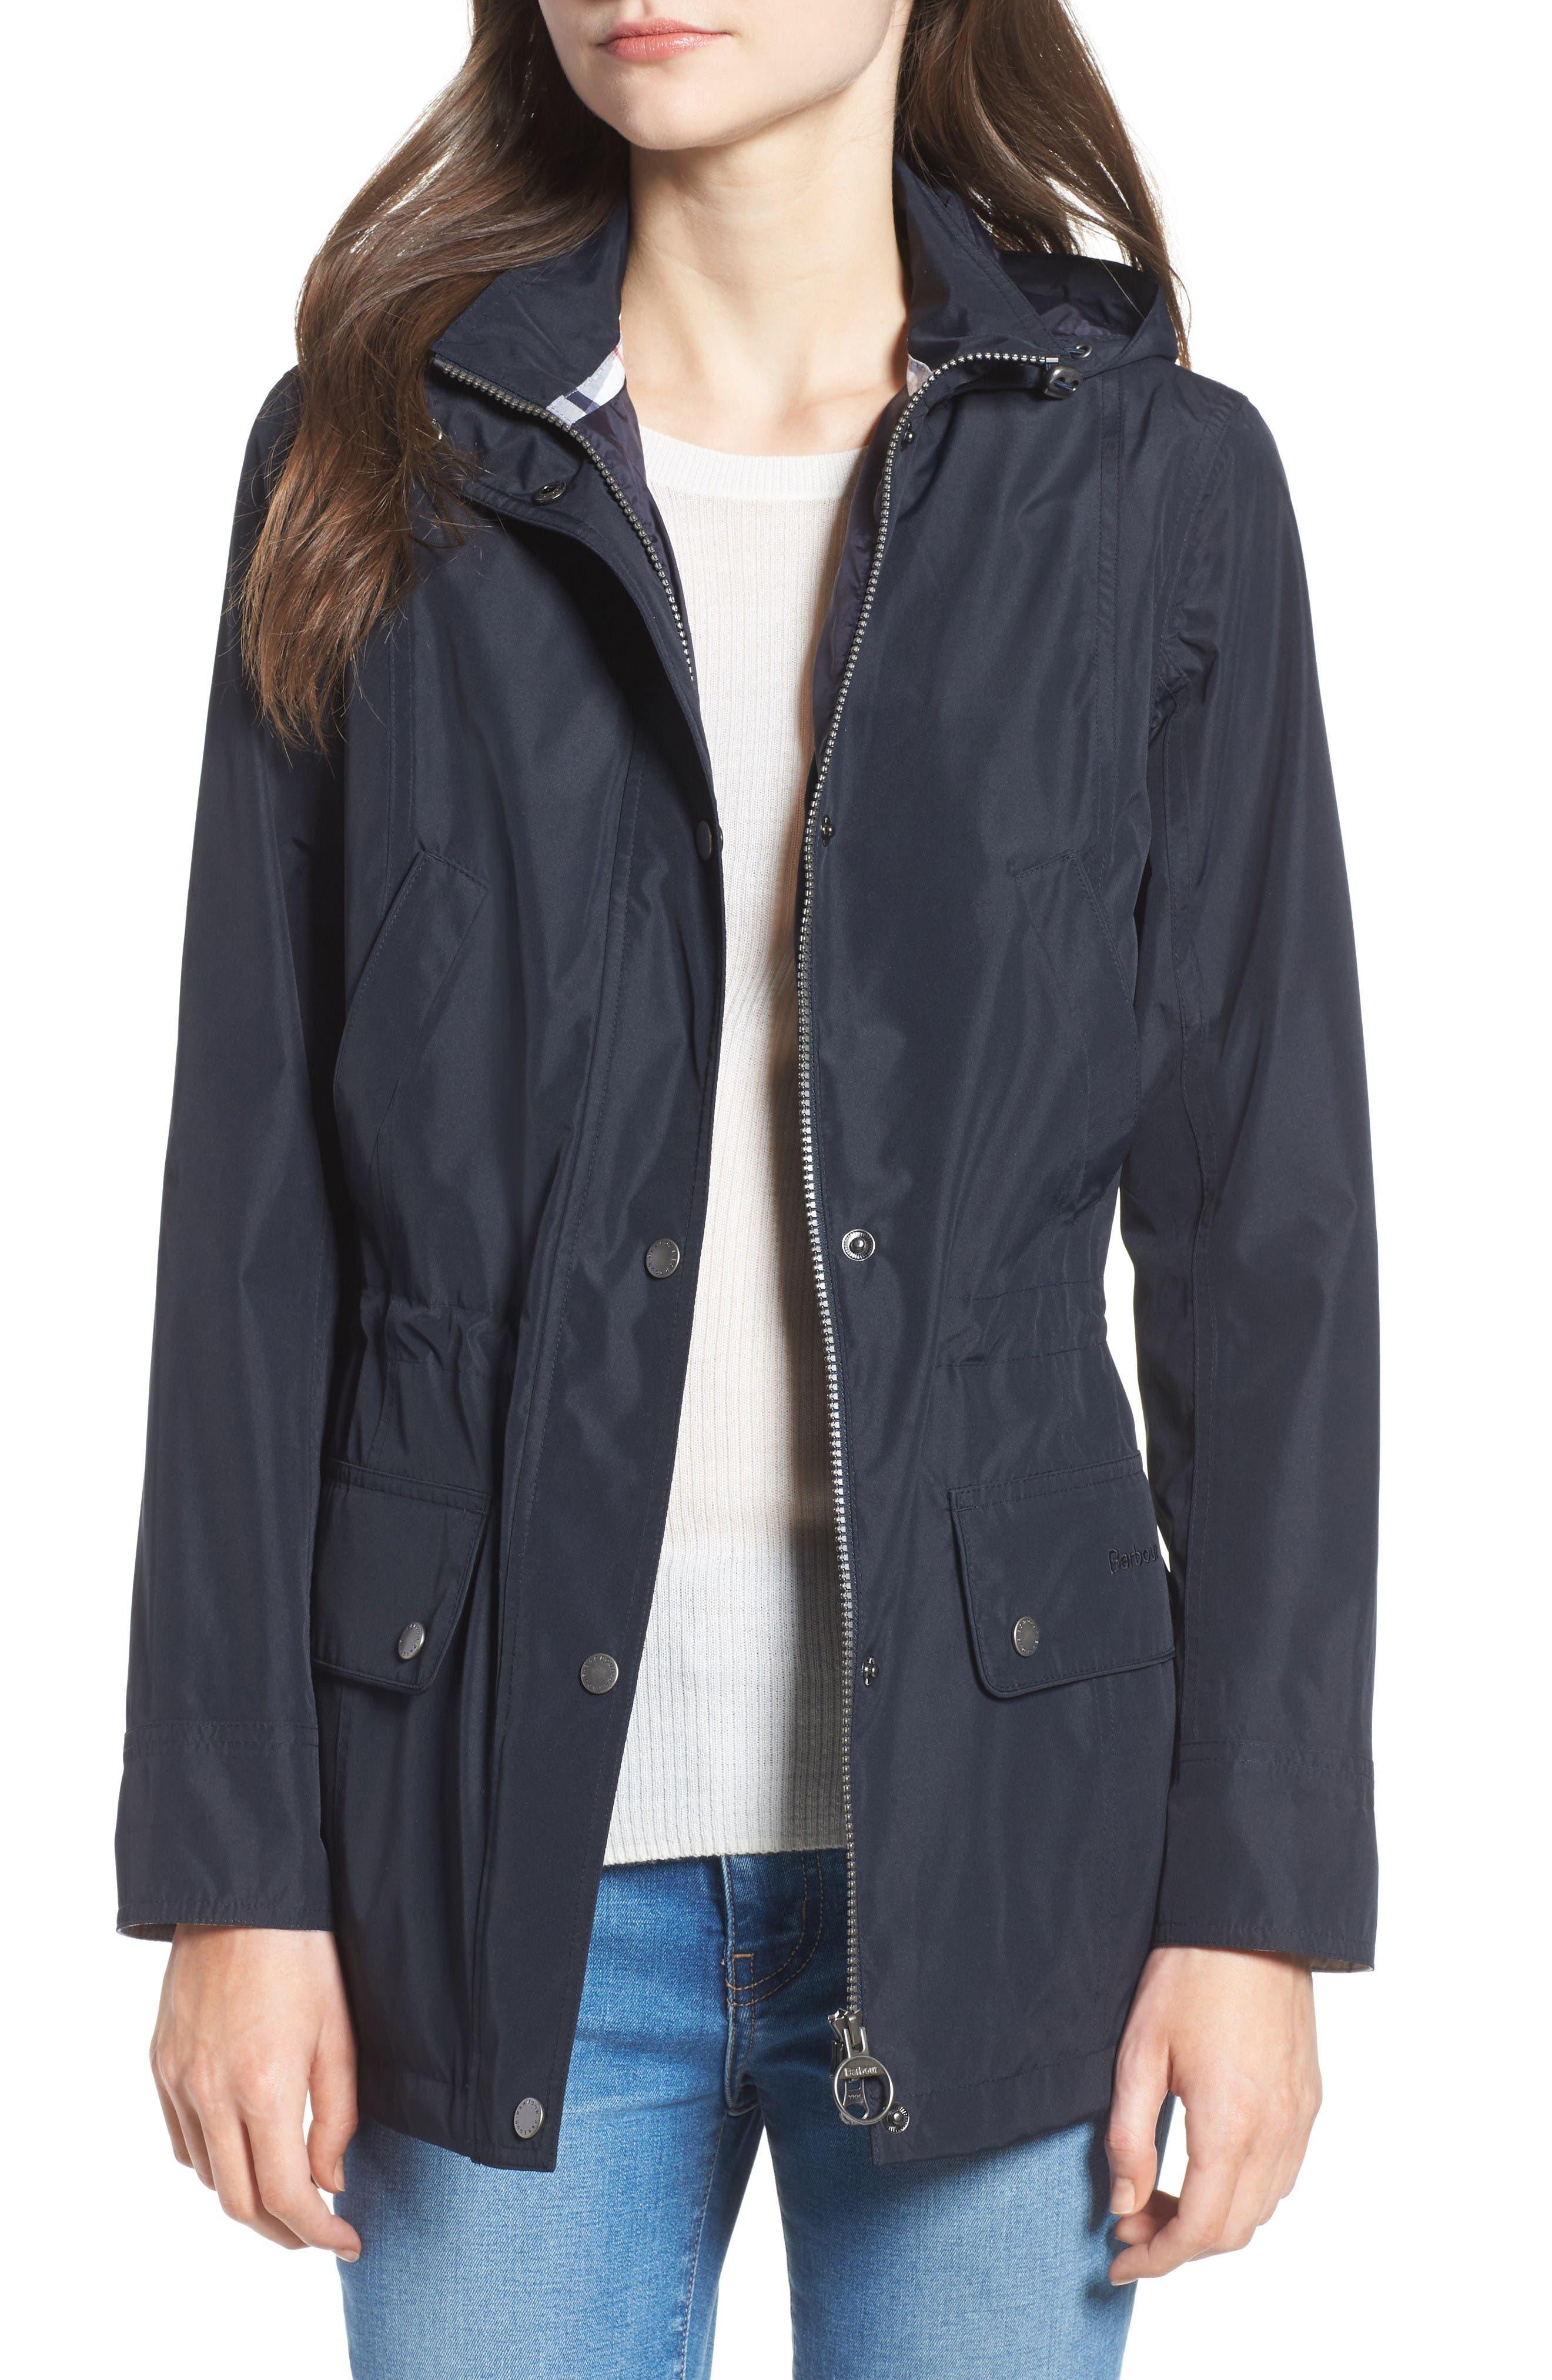 Barbour Kinnordy Waterproof Hooded Jacket